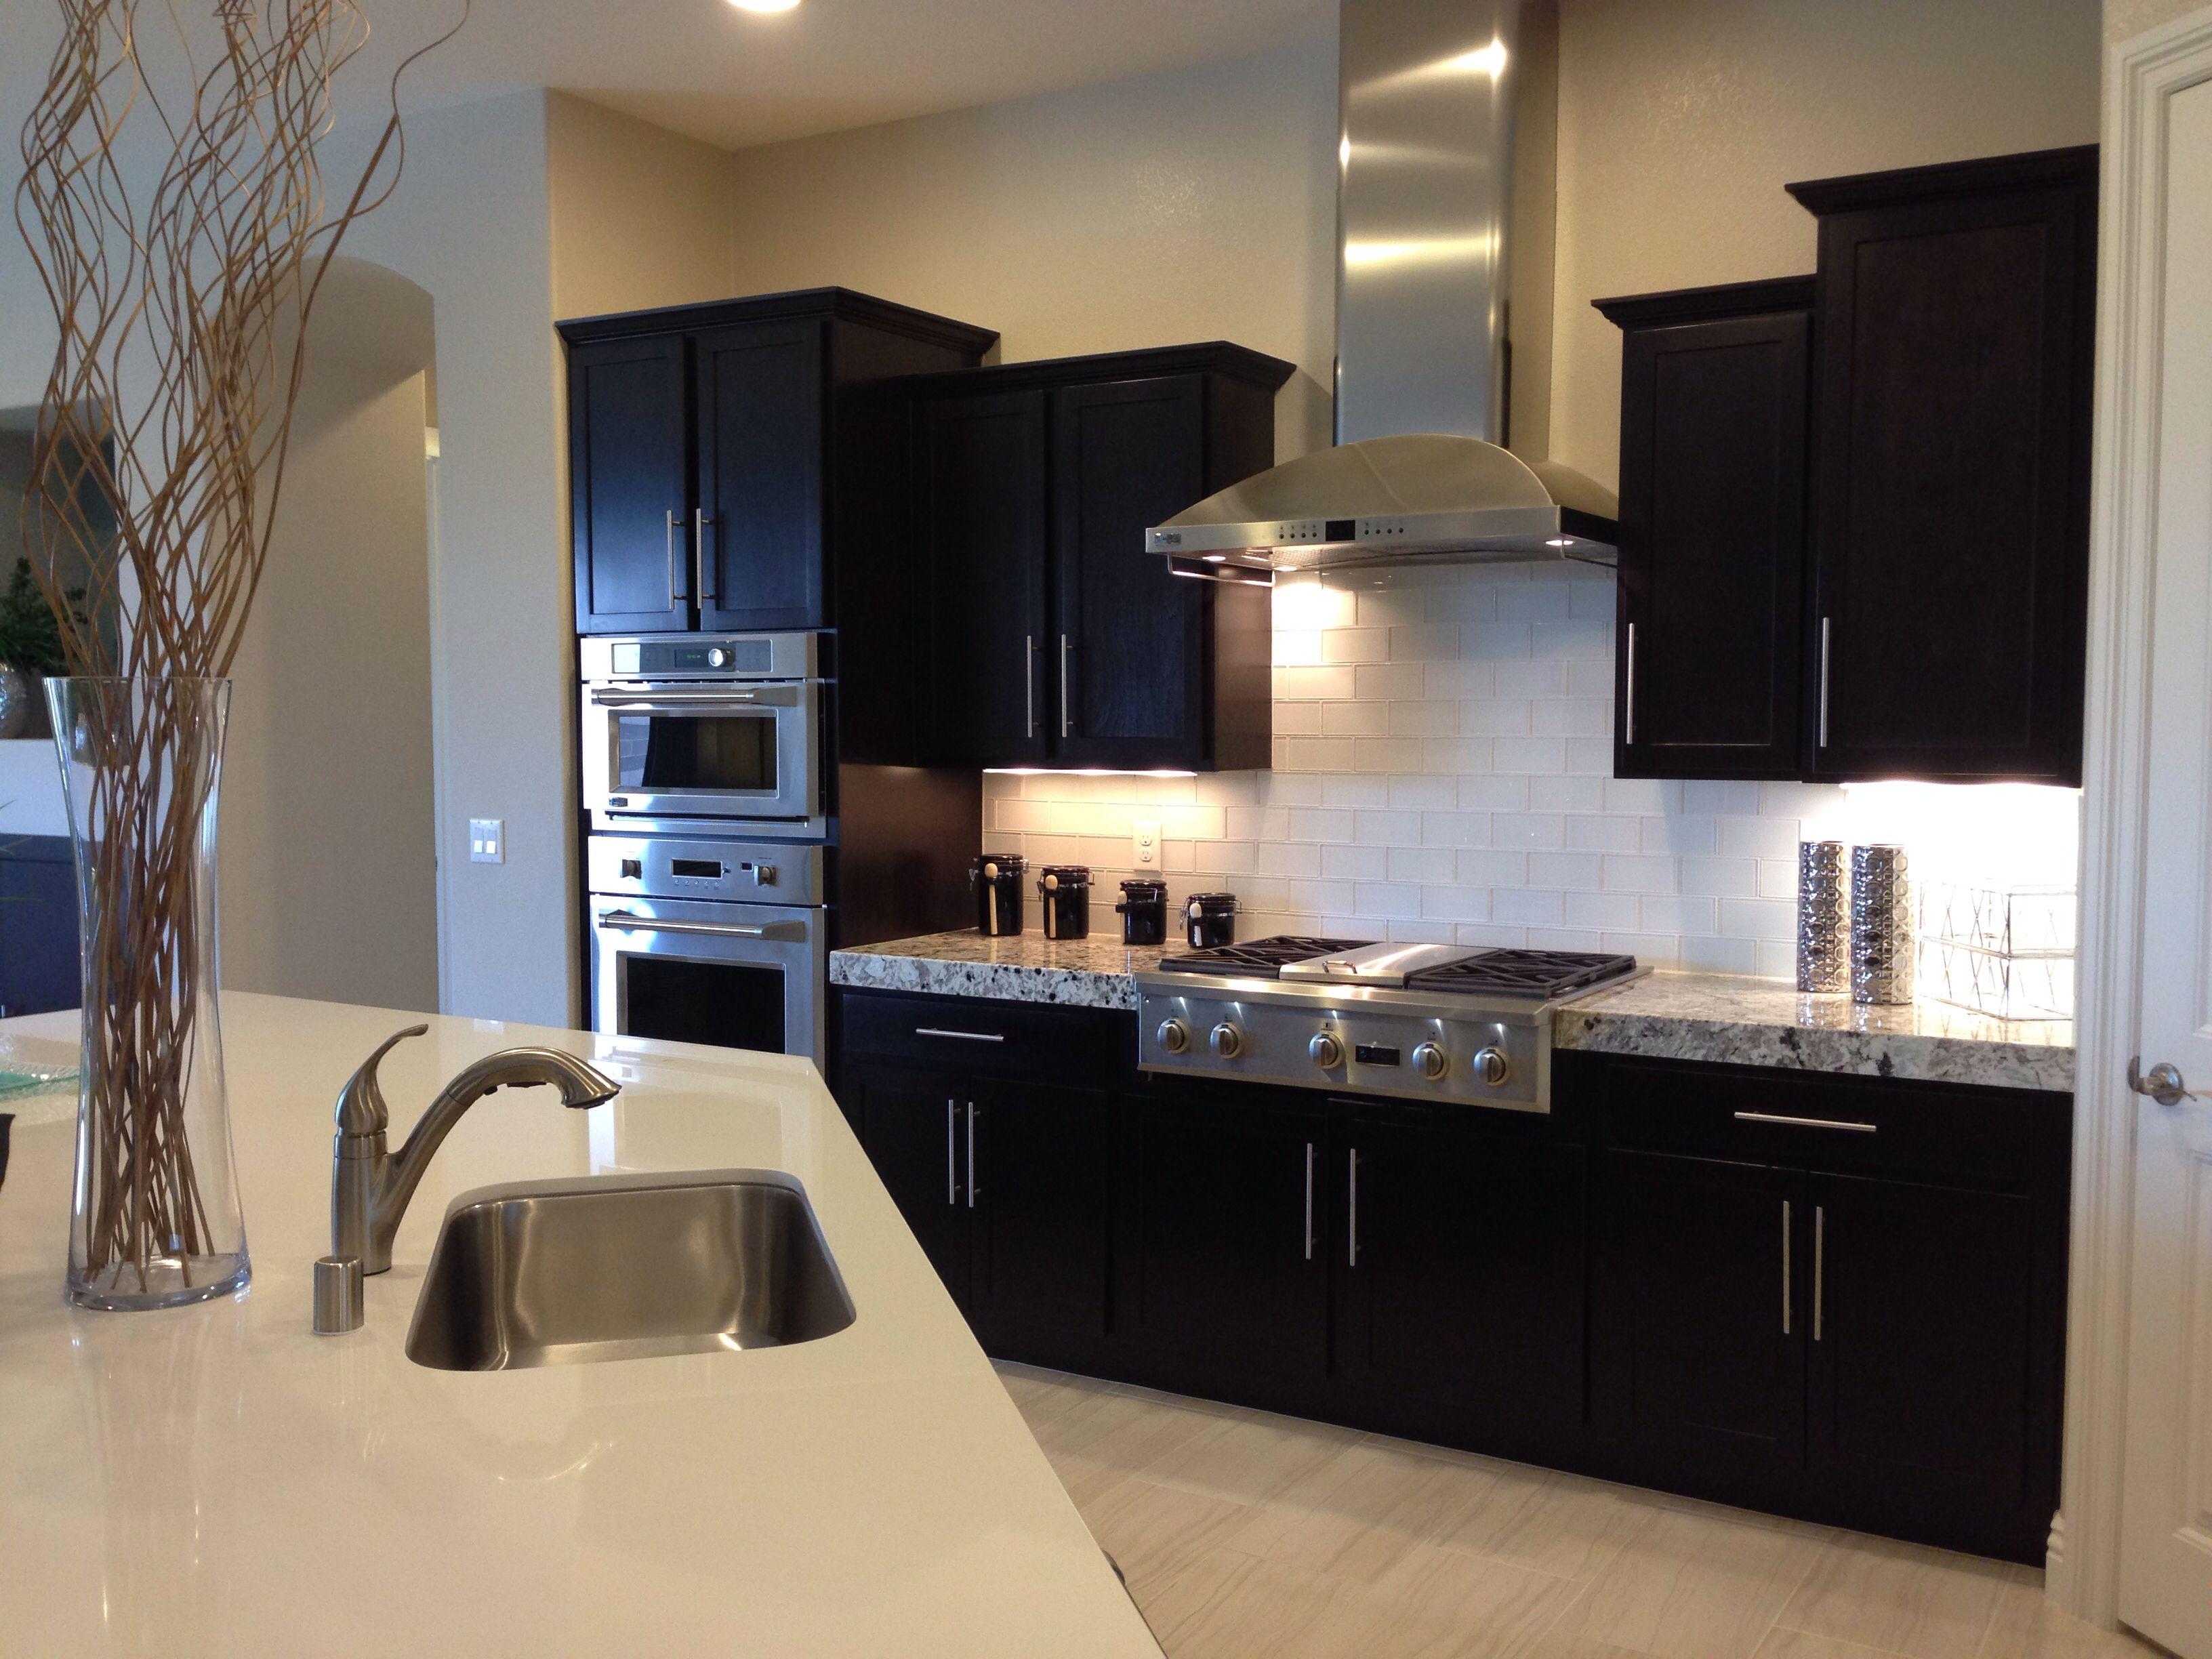 dr horton kitchen kitchen design on r kitchen cabinets id=72313